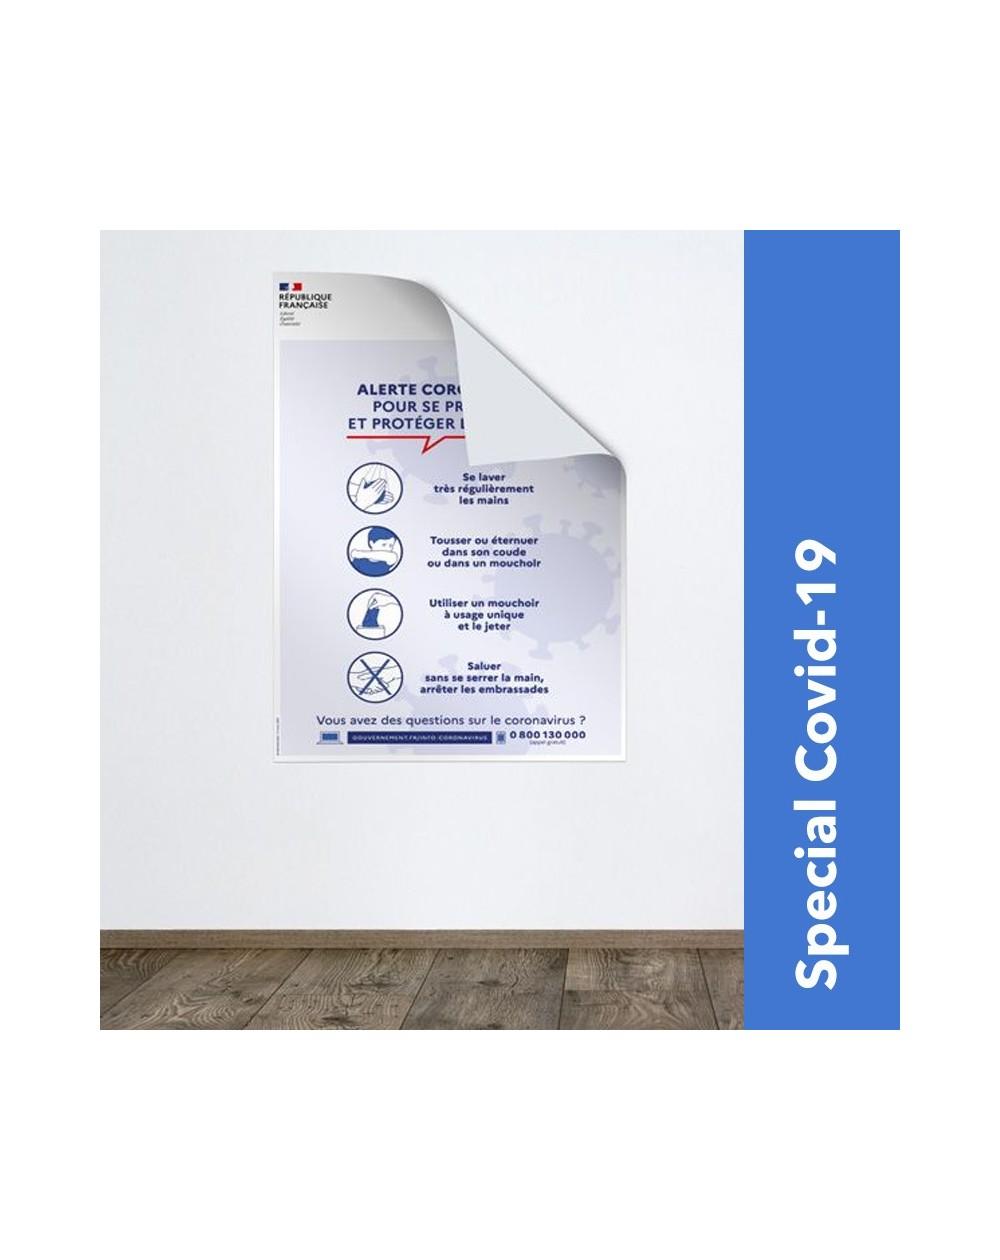 Impression affiche consignes de sécurité Covid-19